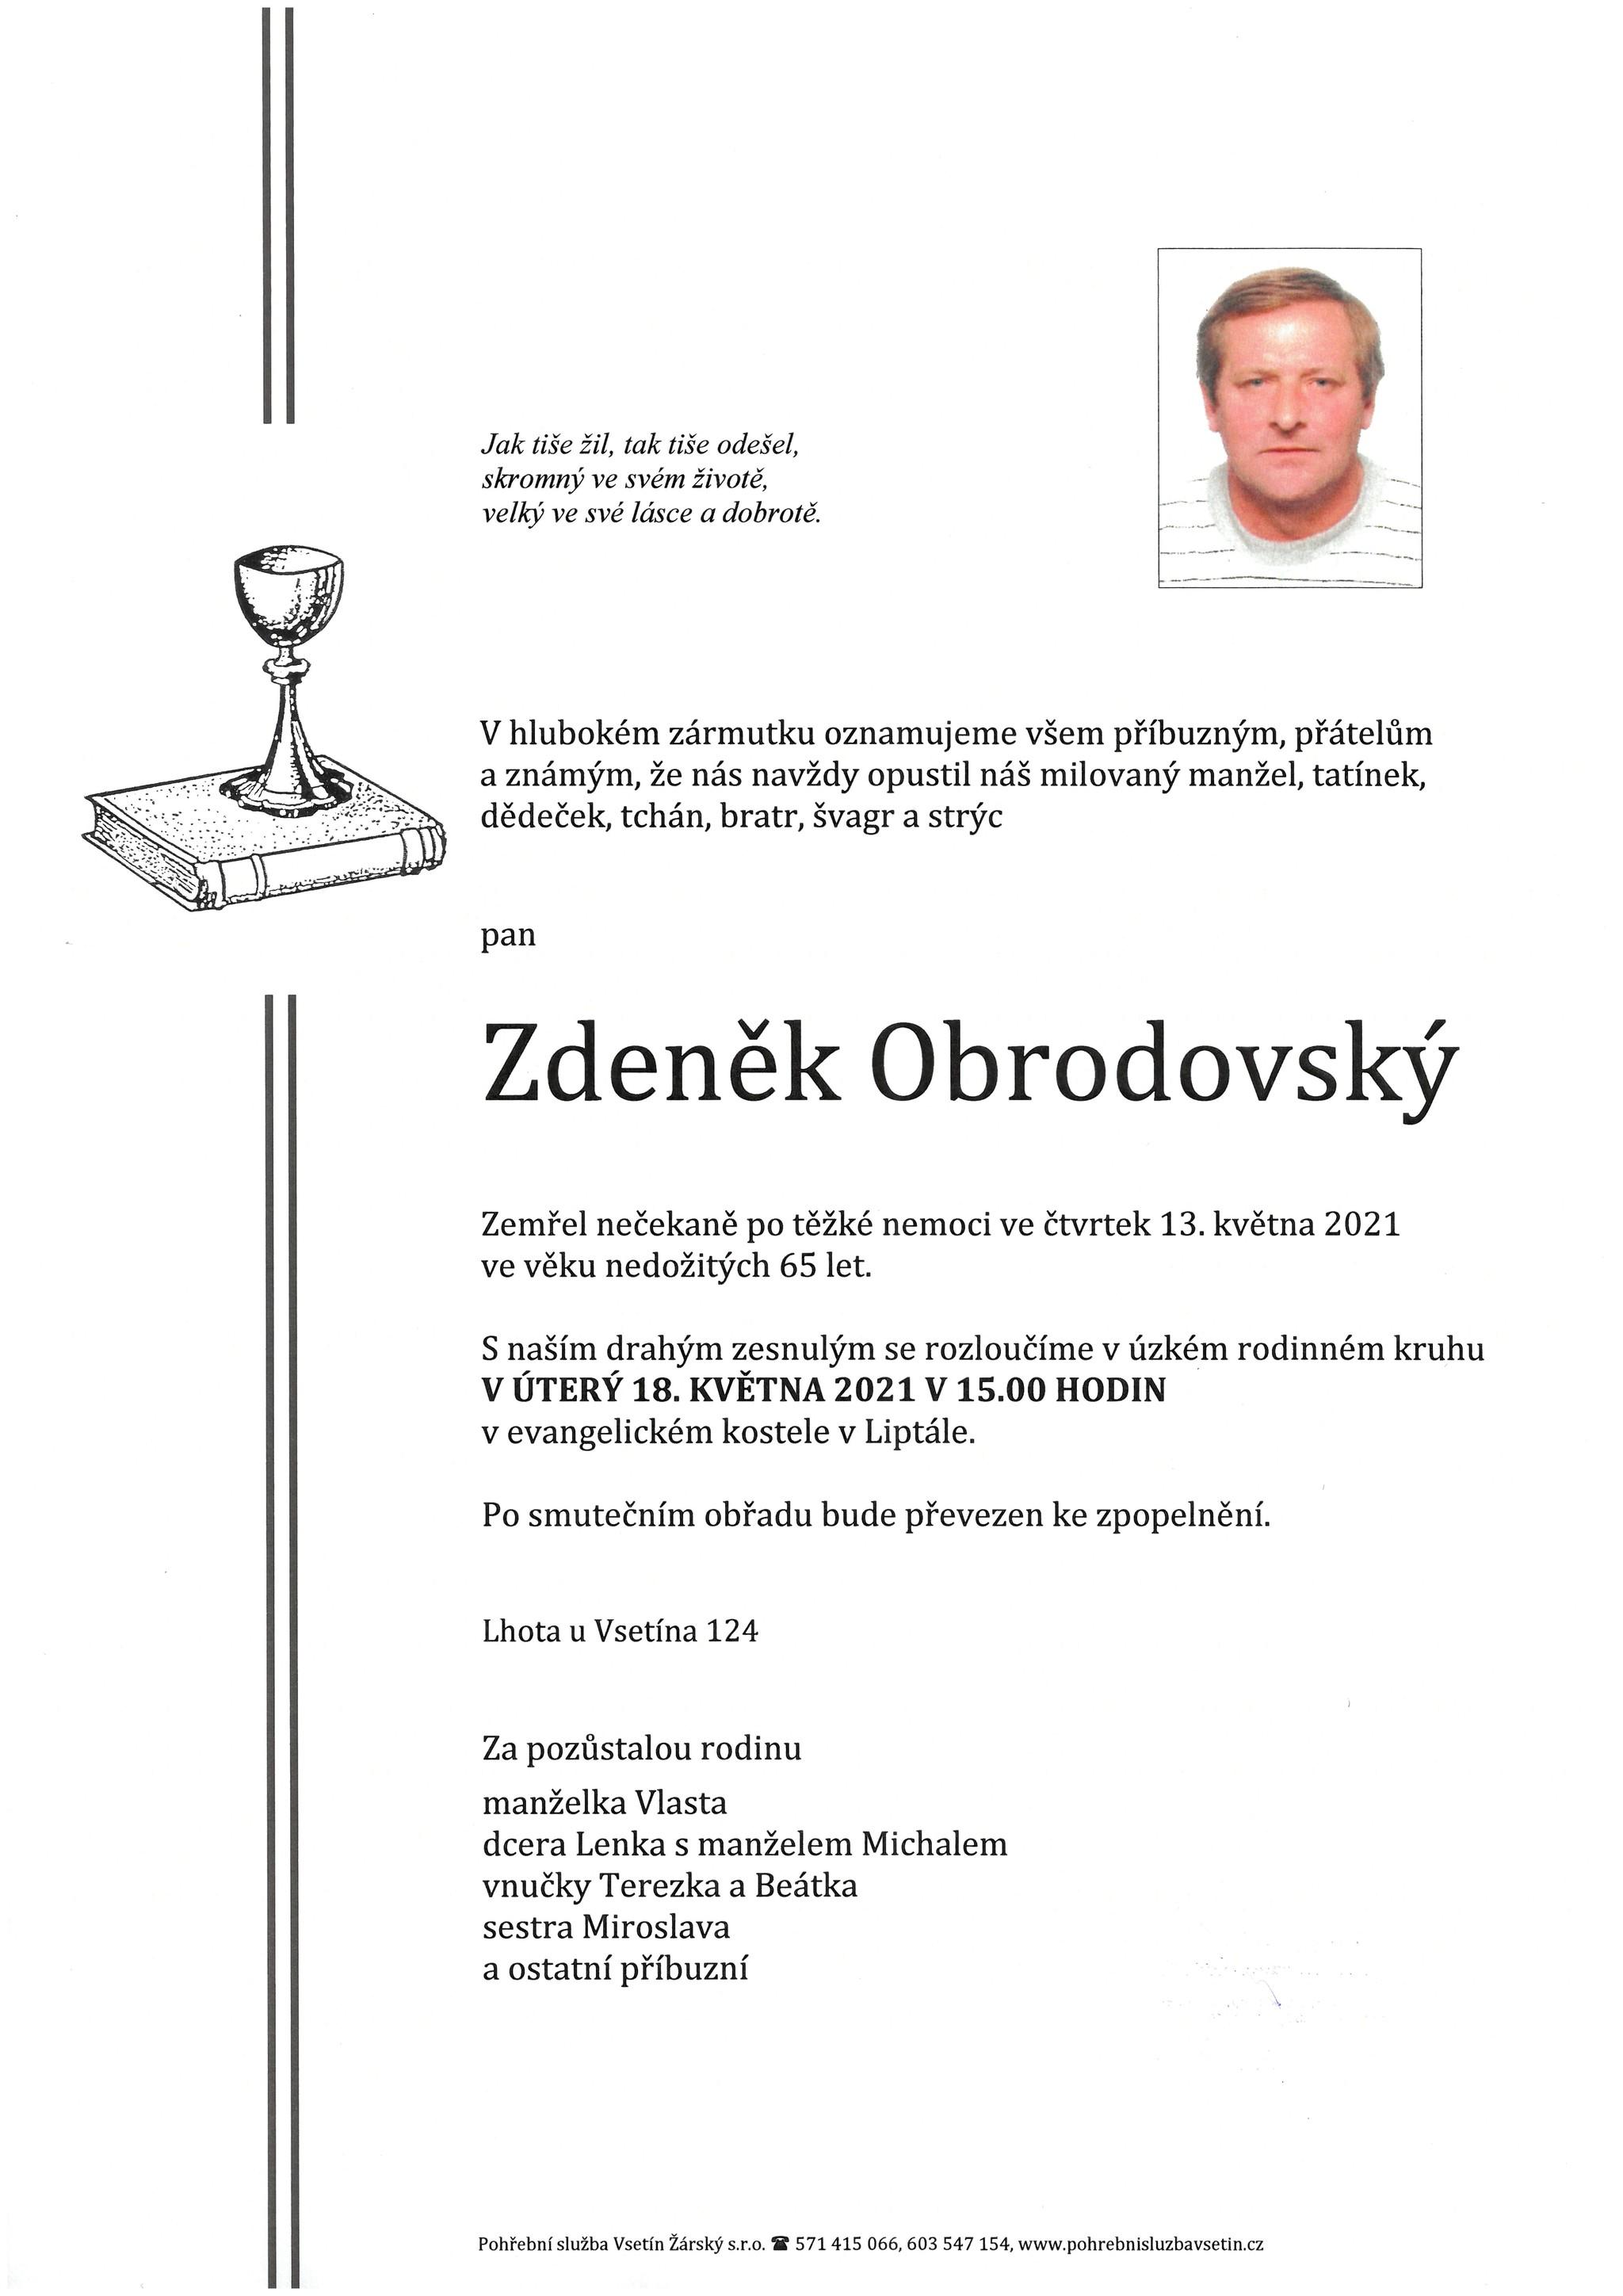 Zdeněk Obrodovský